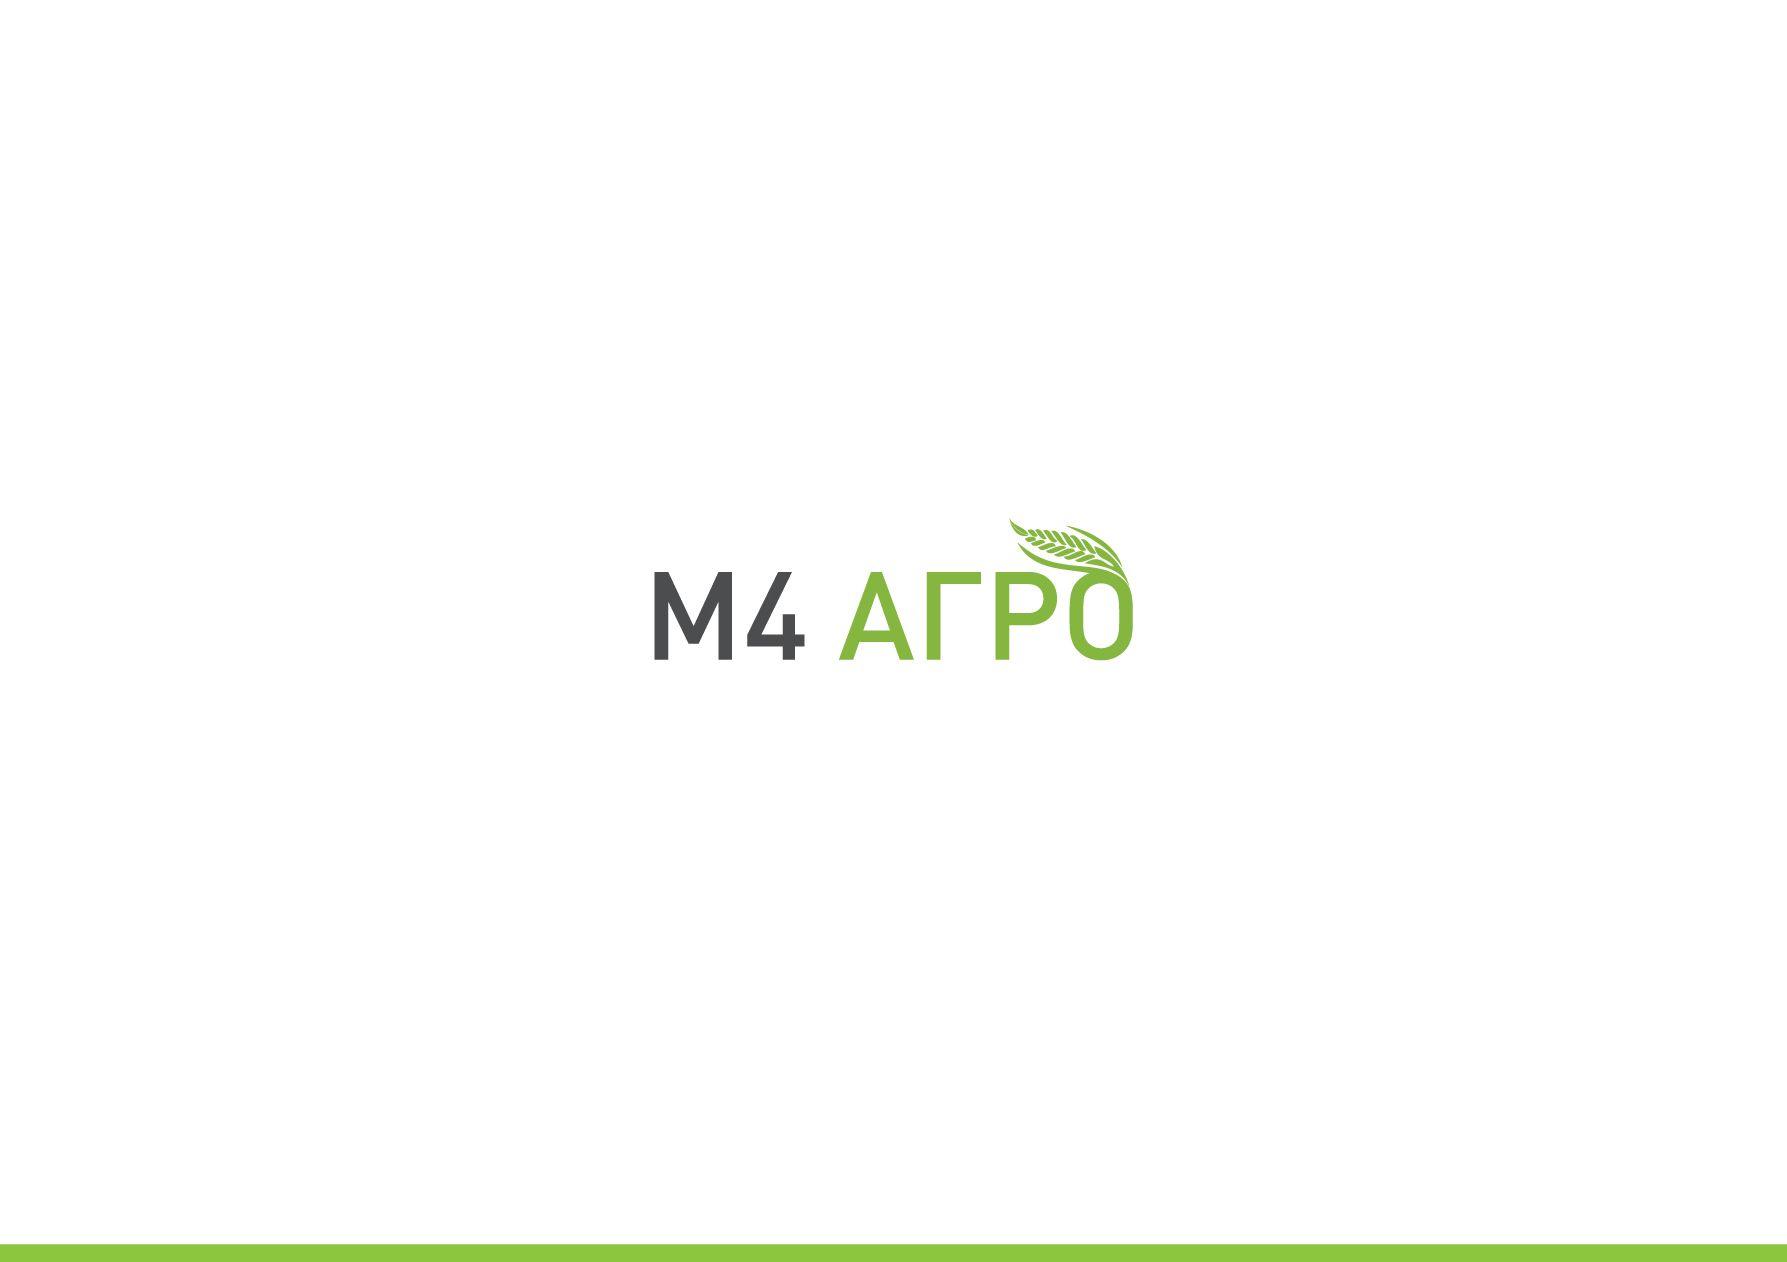 Логотип для M4 АГРО - Российские фрукты - дизайнер andyul